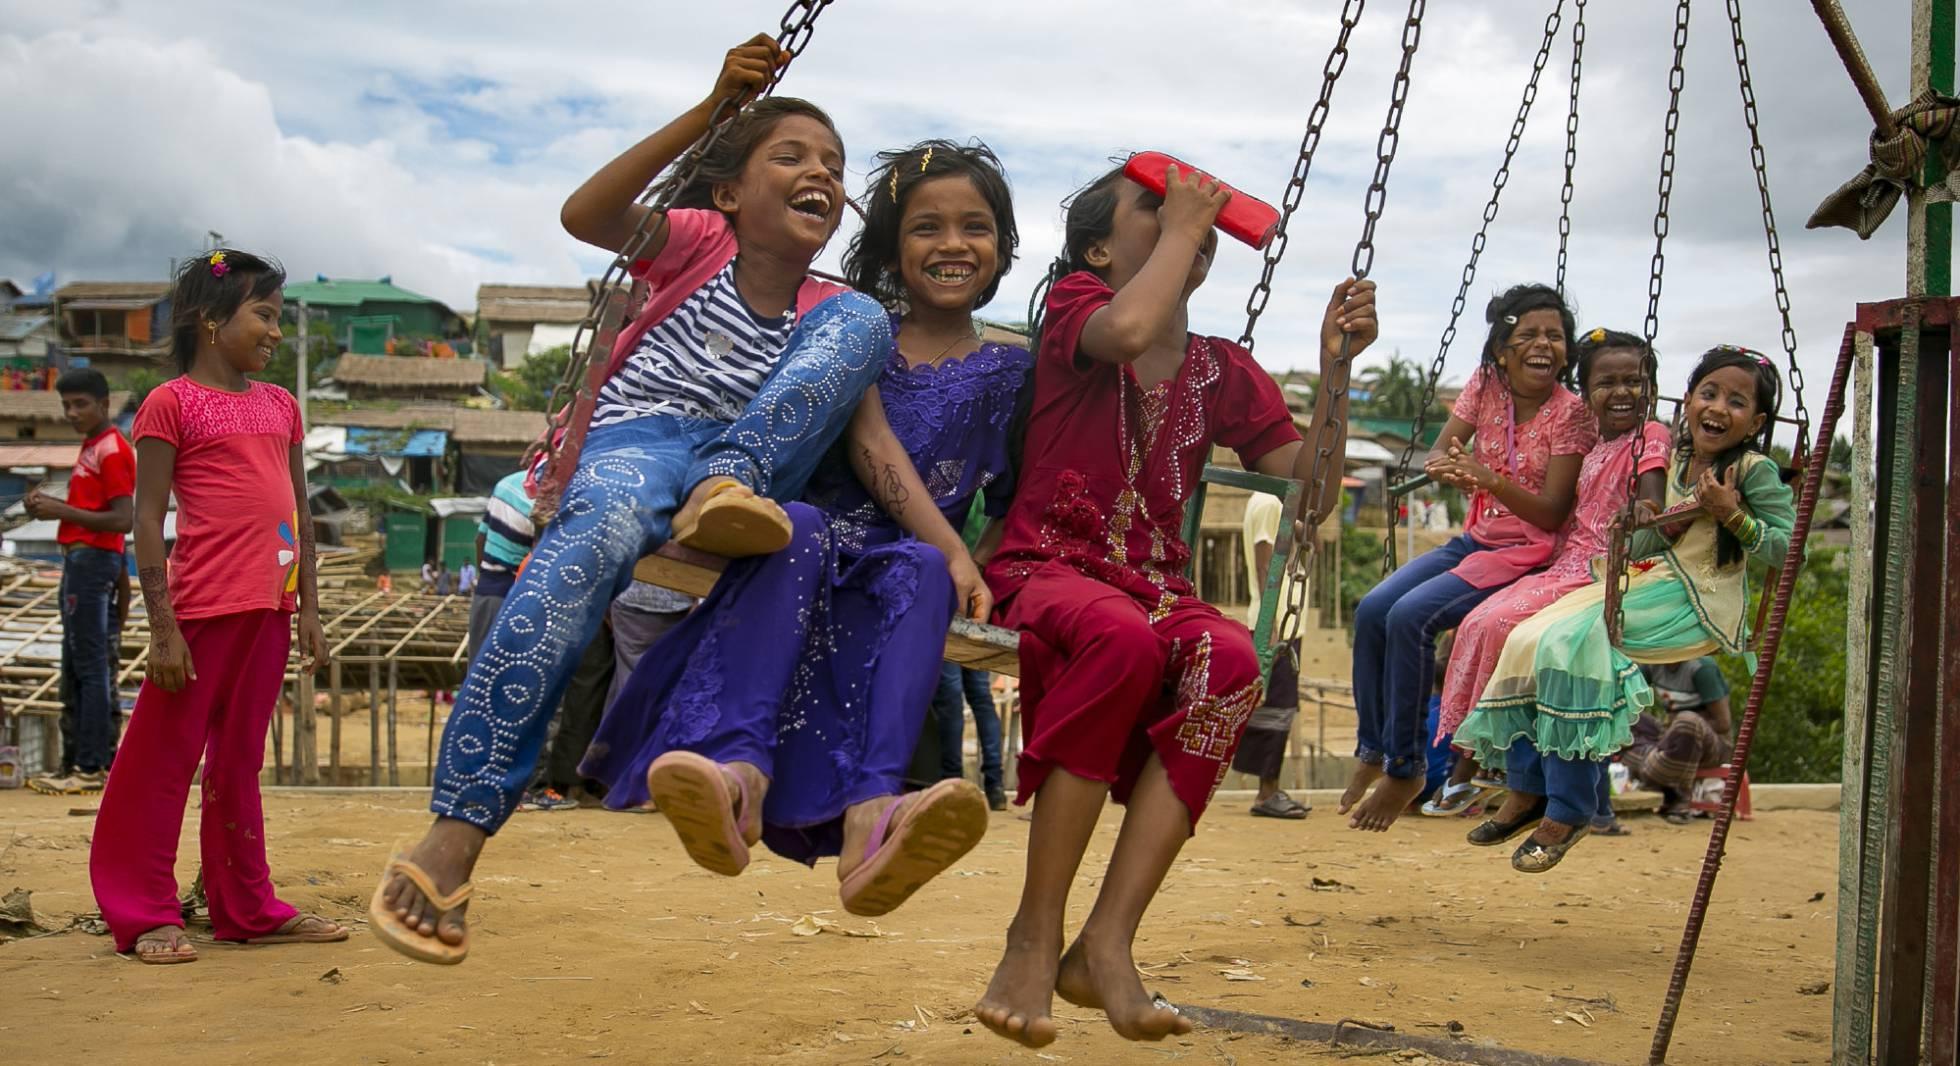 Las celebraciones del Eid al-Adha en un campamento de refugiados rohingya